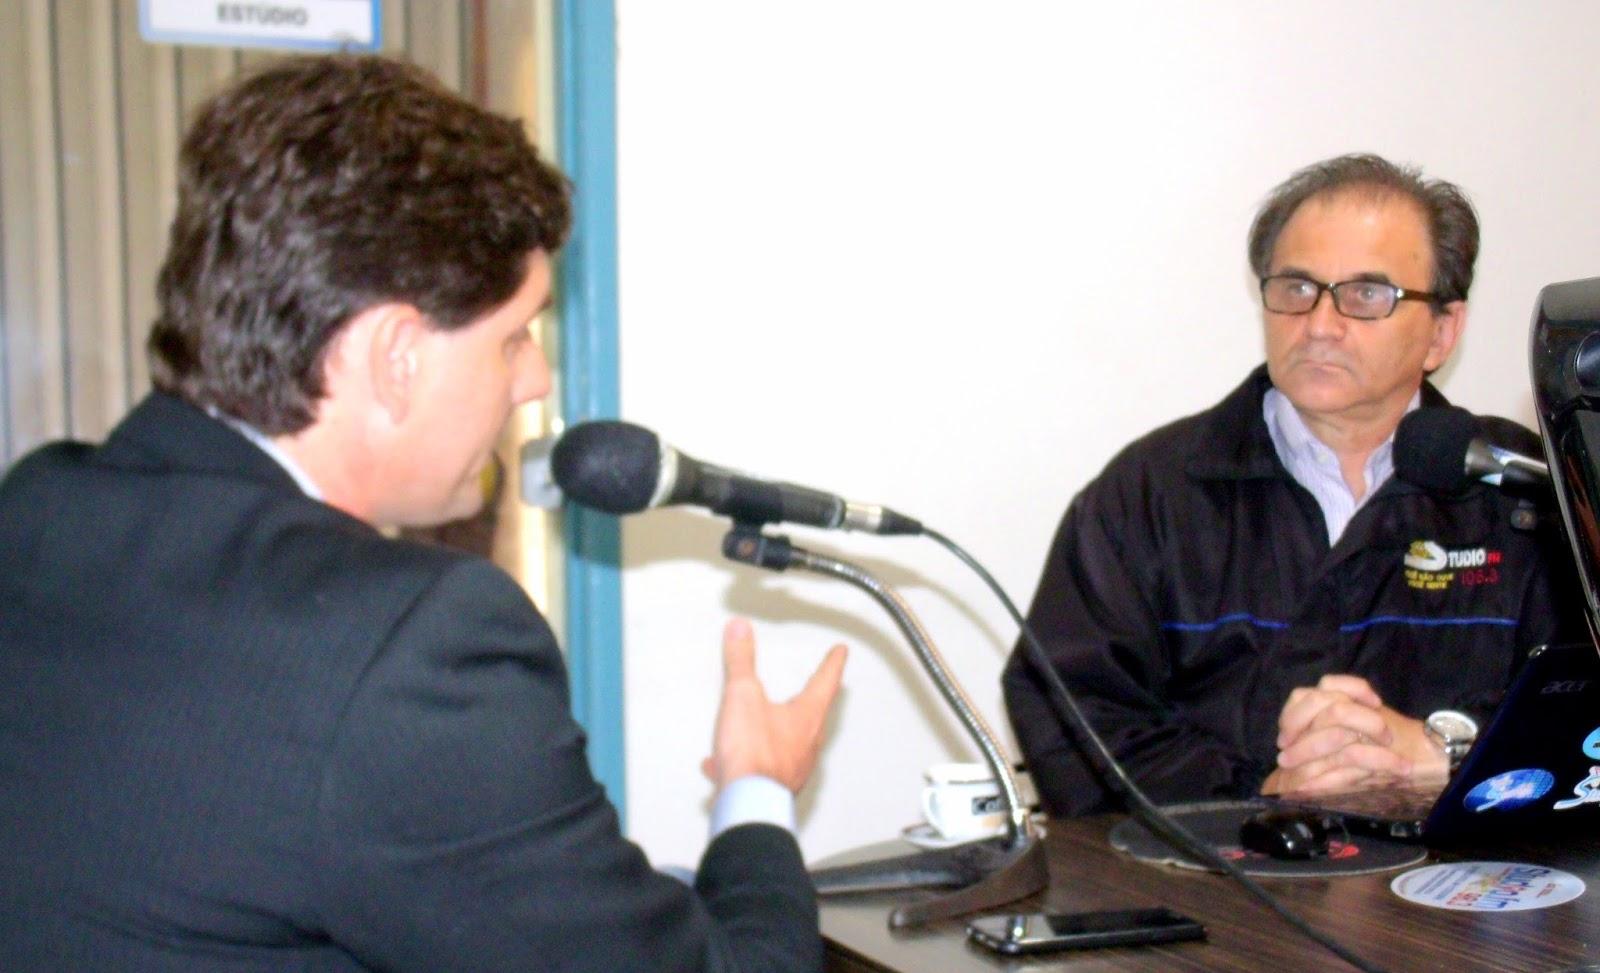 Airton Engster dos Santos e Marcelo Caumo